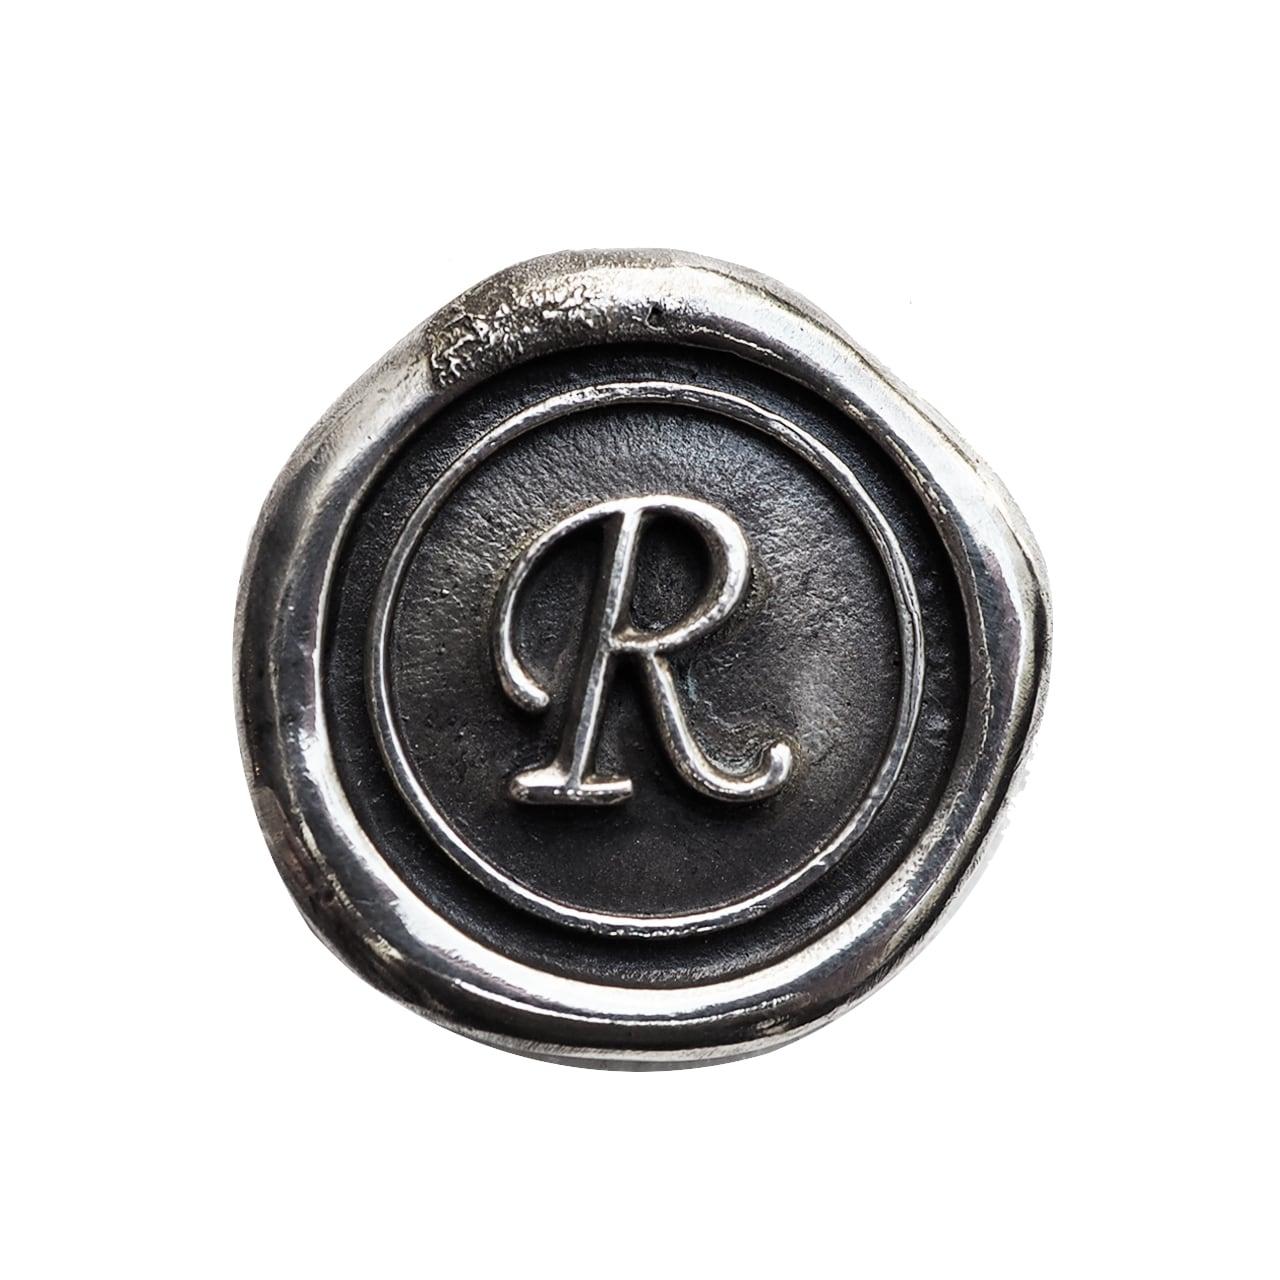 シーリングイニシャル S 〈R〉 シルバー / コンチョボタン